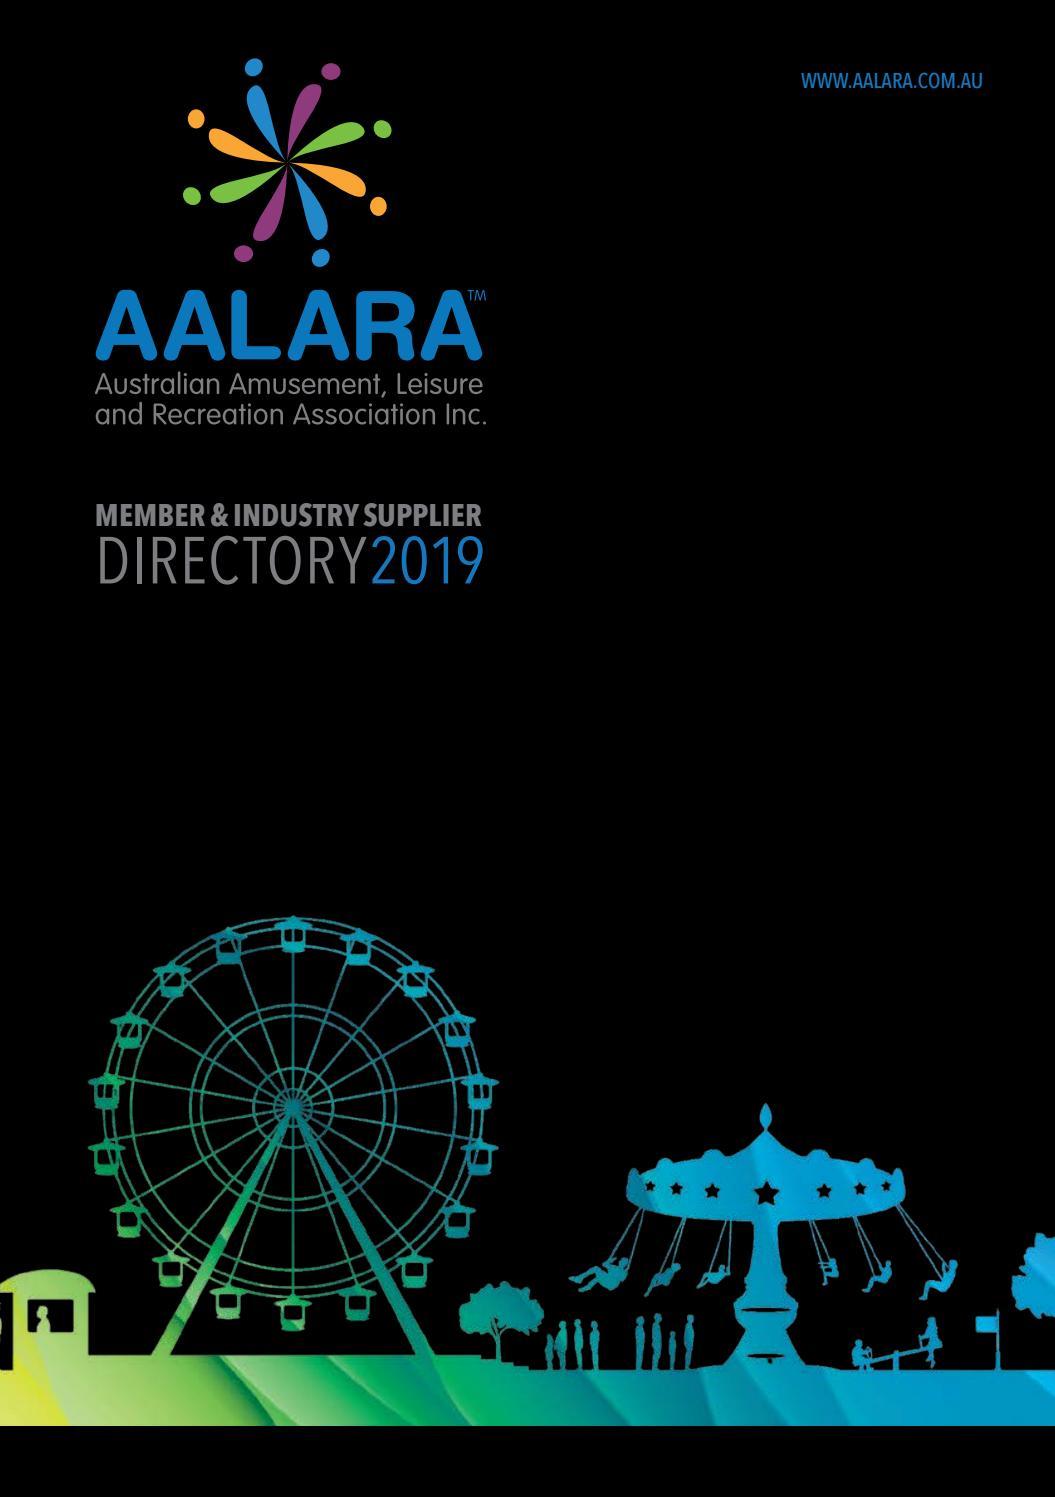 AALARA Directory by arkmedia4217 issuu